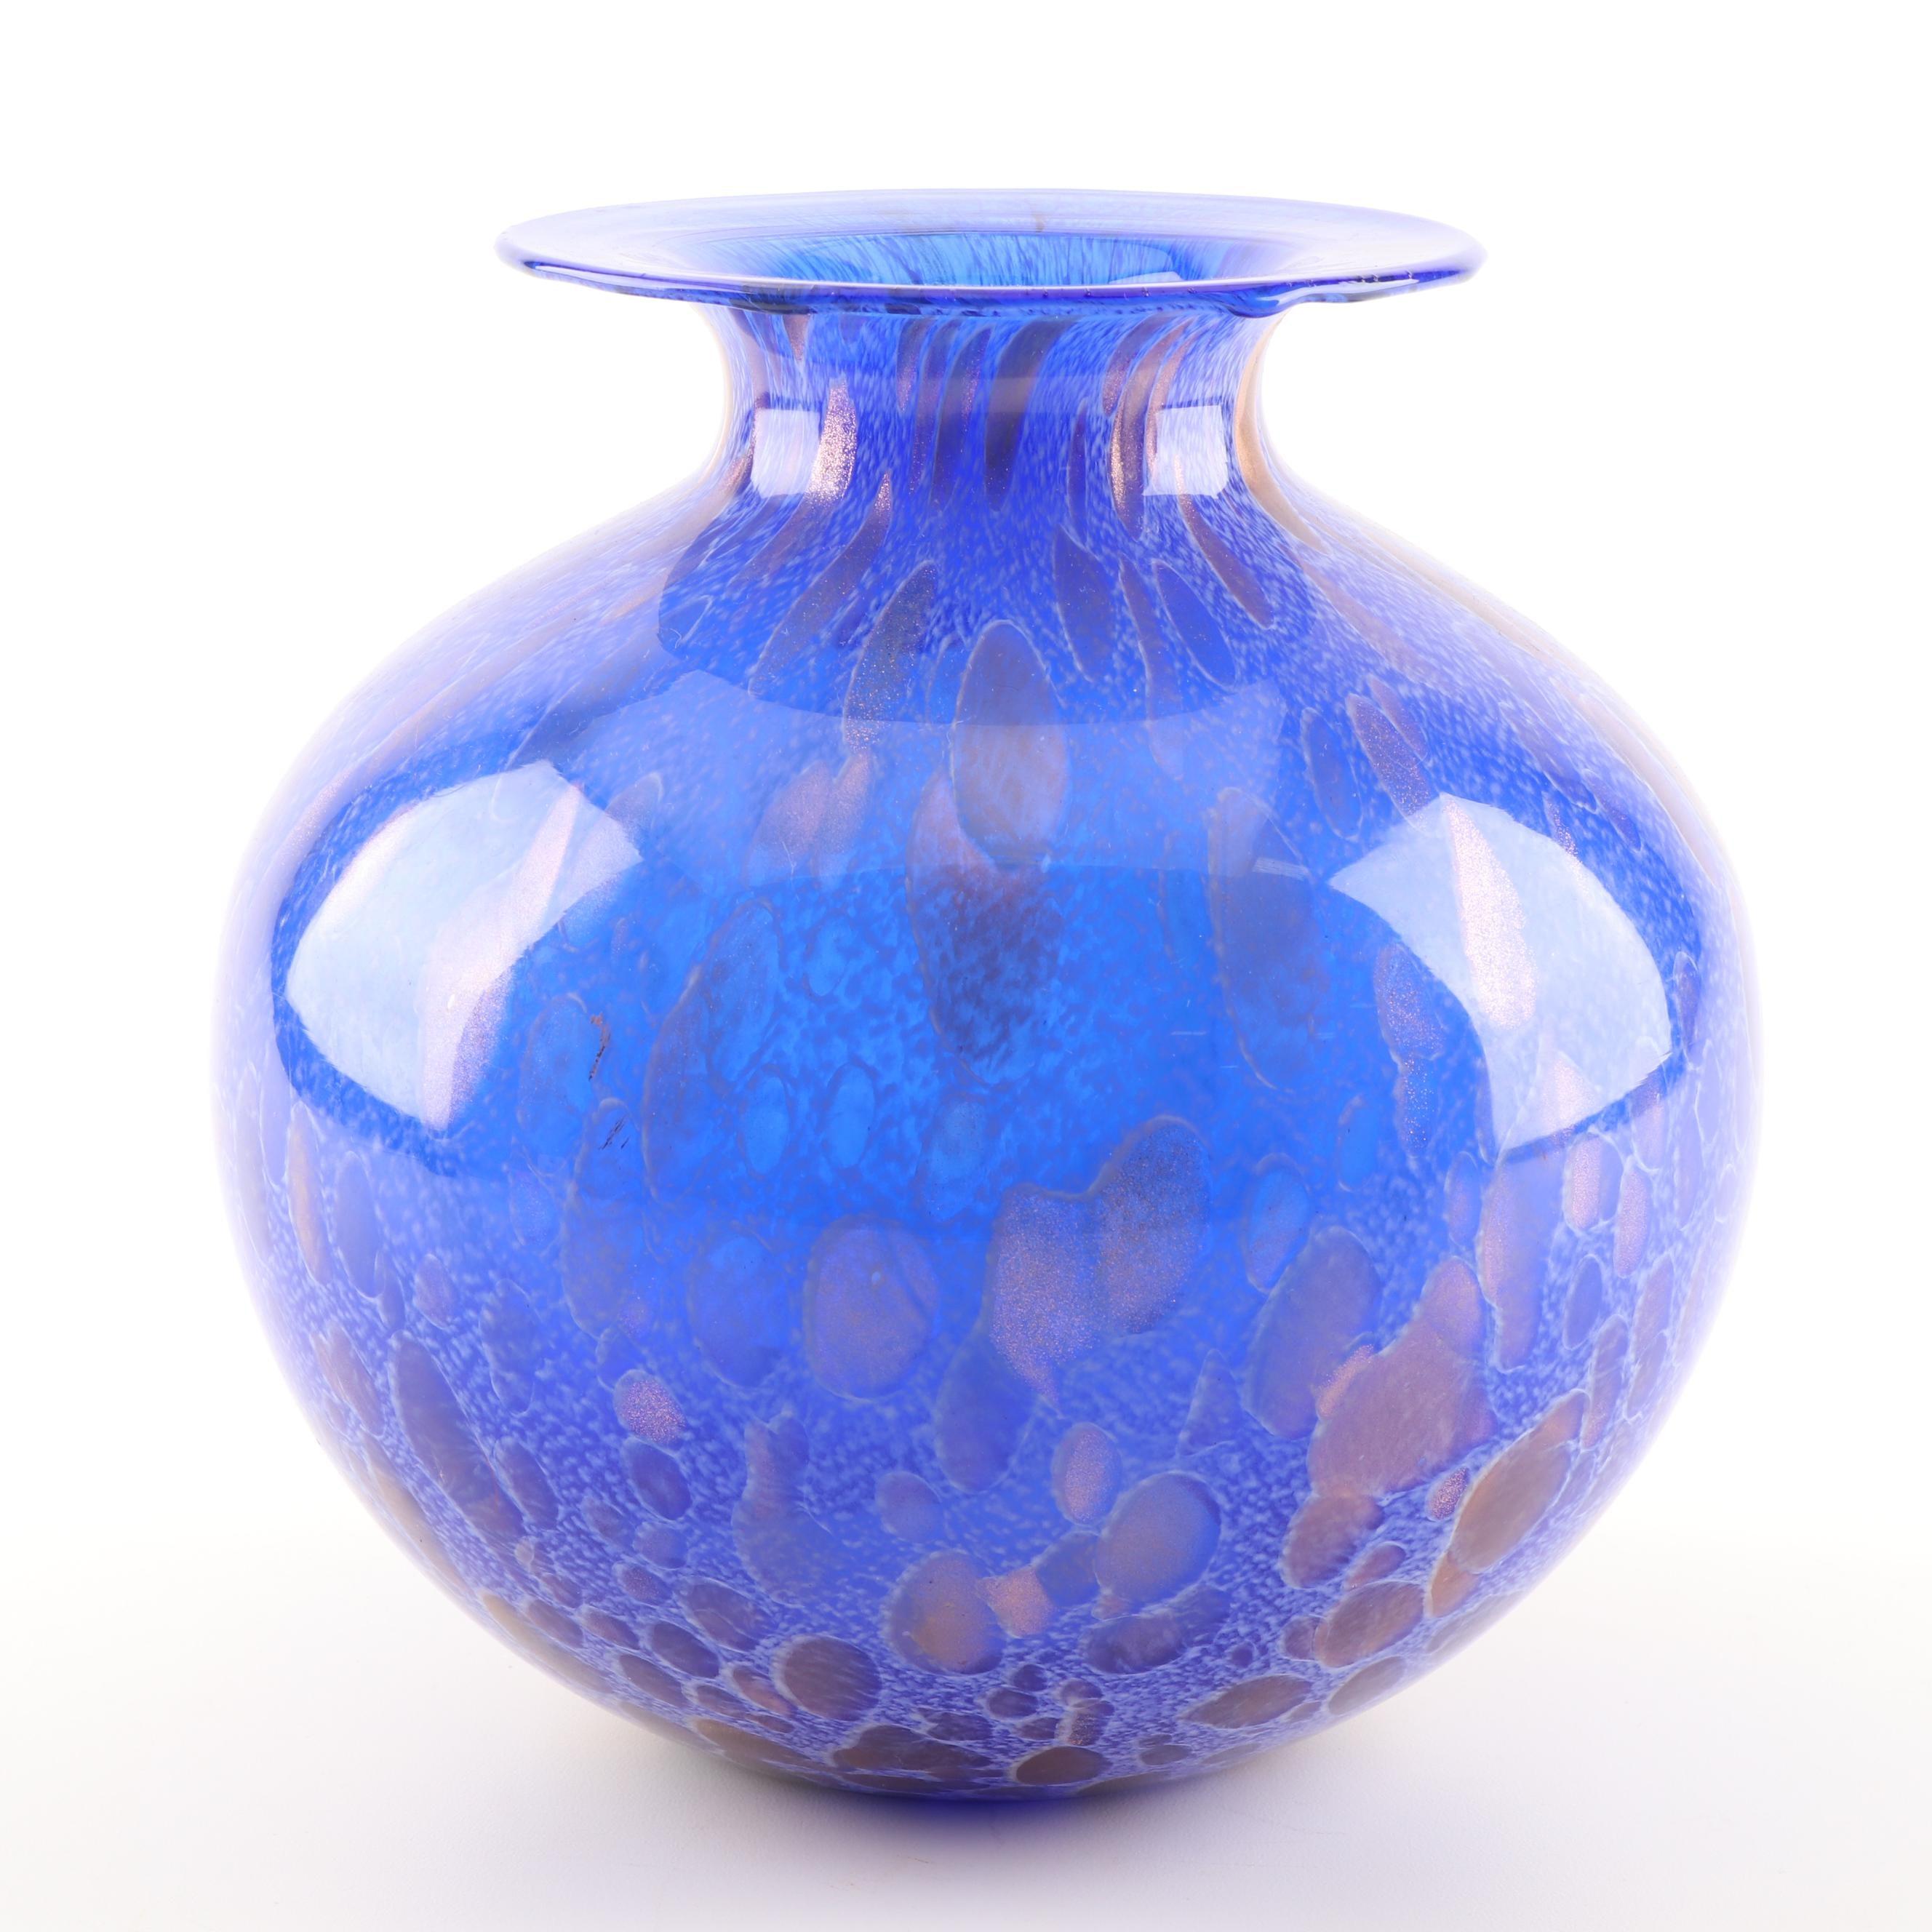 Azzurra Italian Art Glass Vase